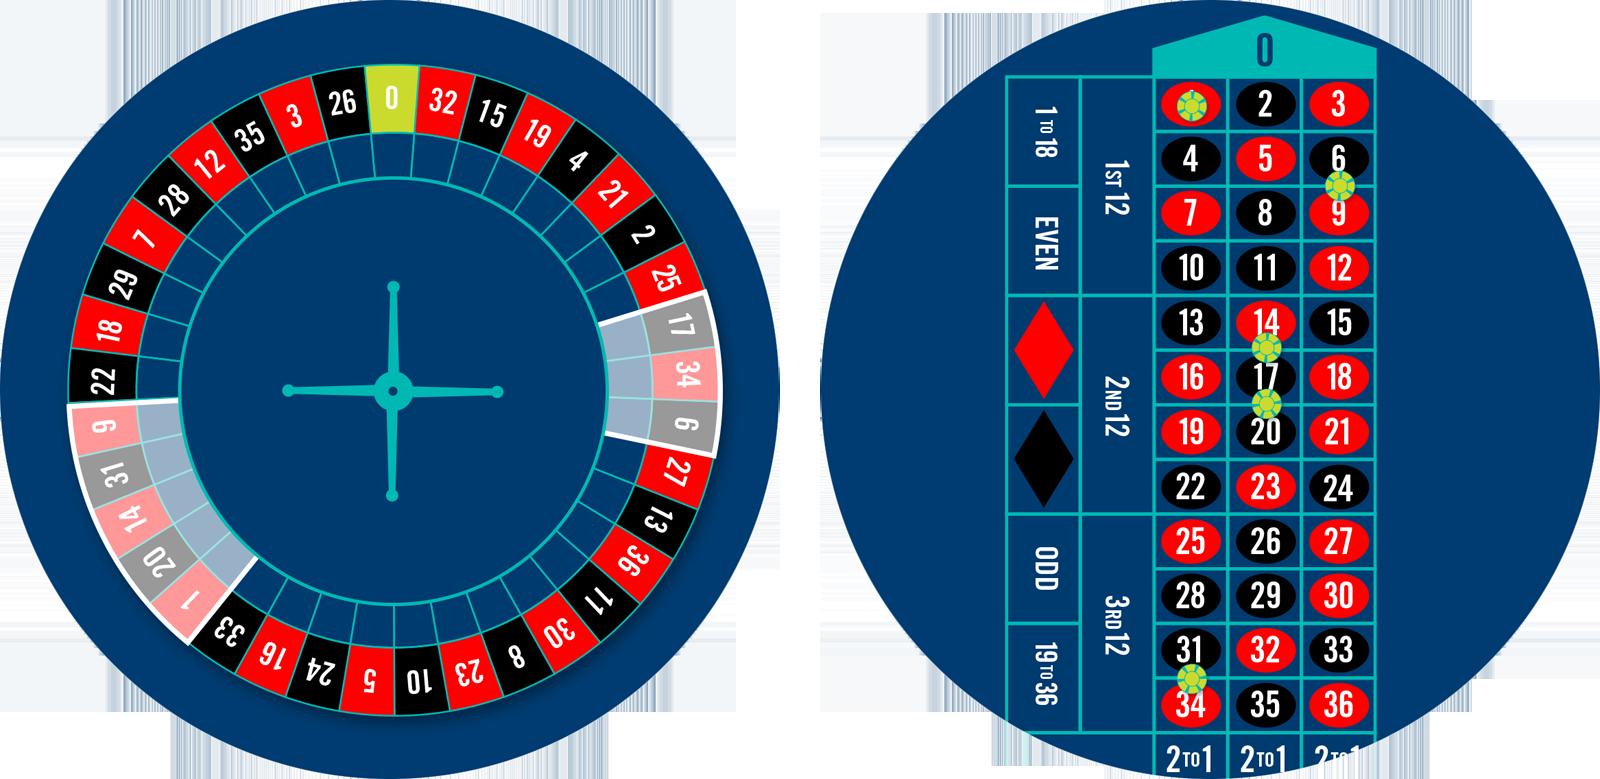 特别显示孤注区的轮盘,以及孤注区放着五个筹码的轮盘赌桌。